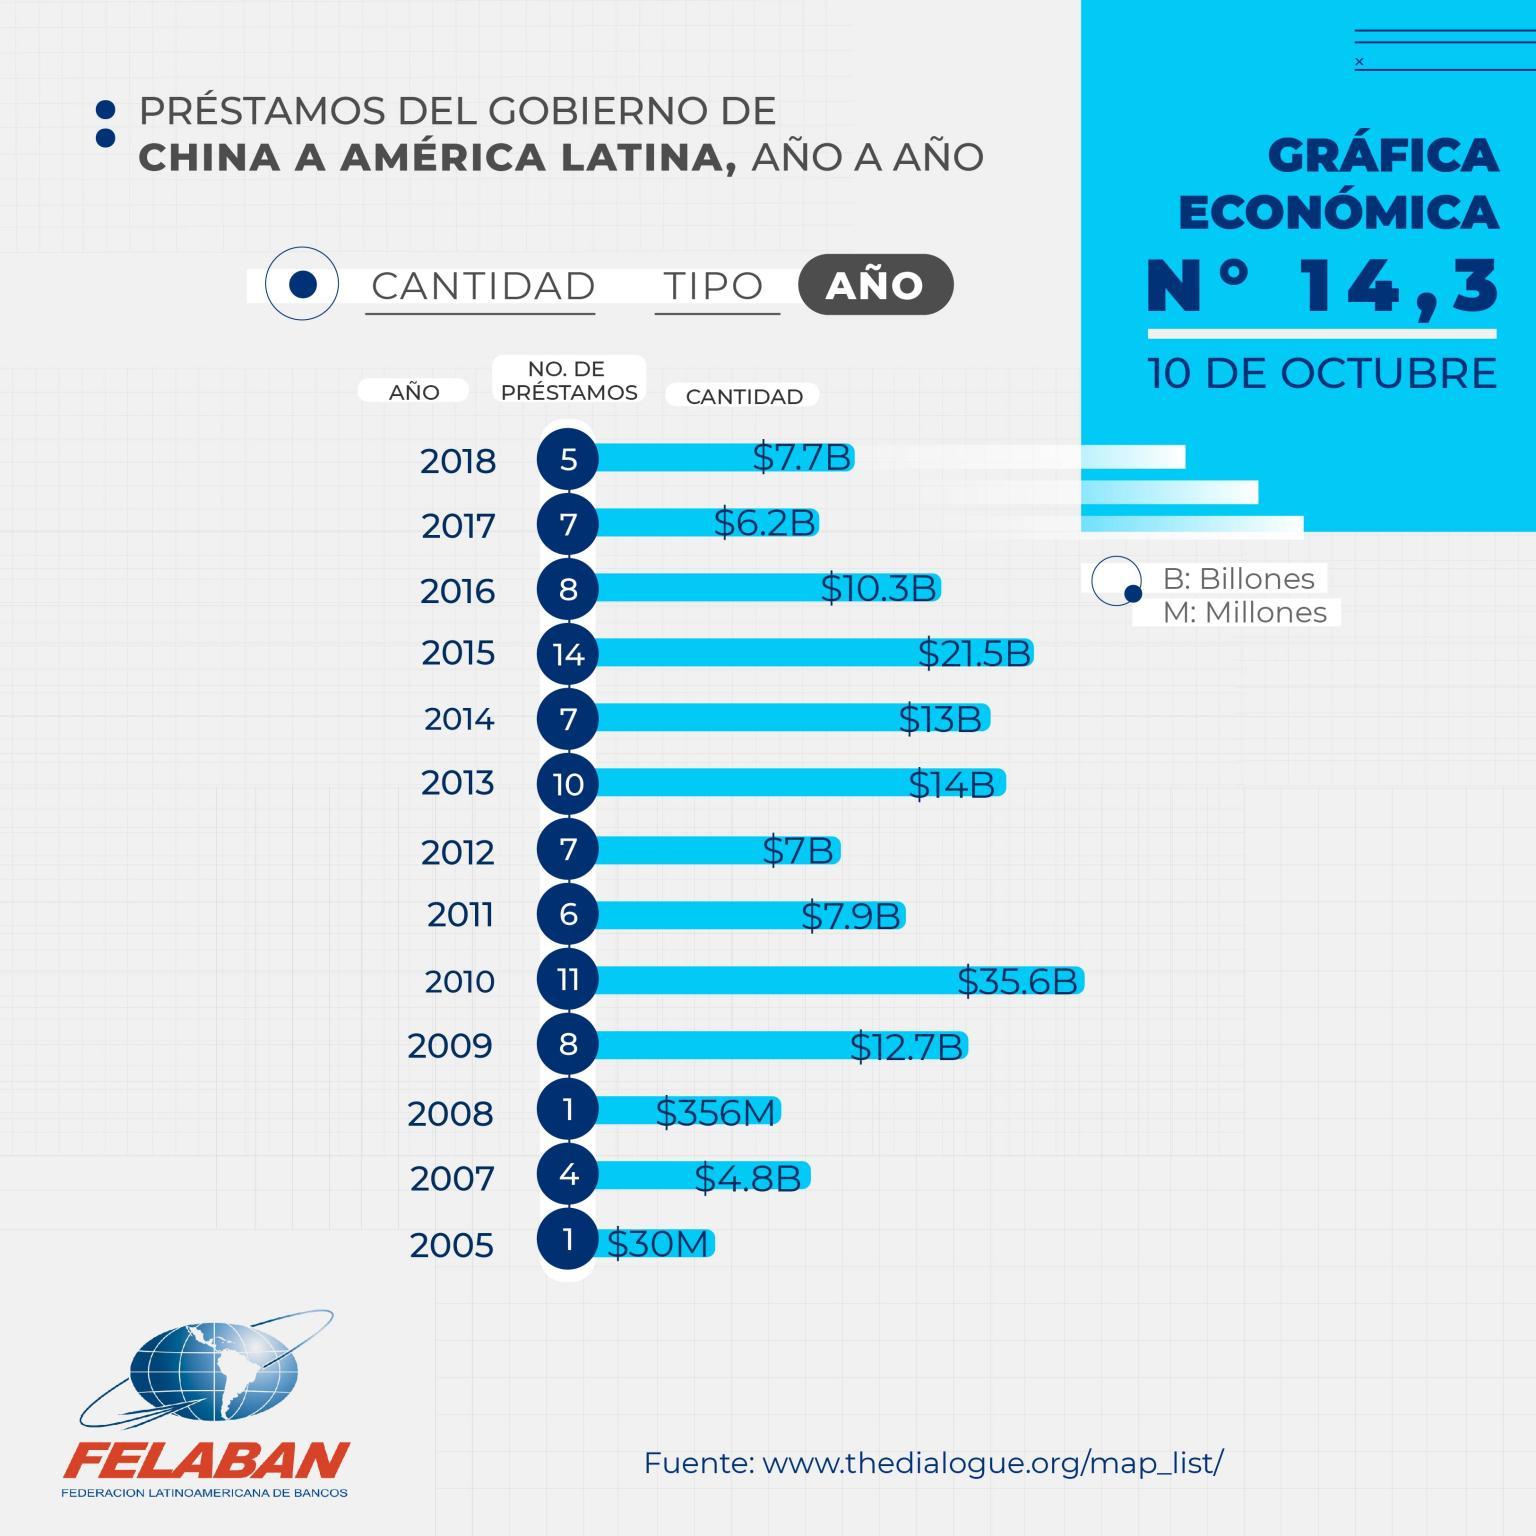 Gráfica Económica Nro 14-3 - Préstamos del Gobierno de China a América Latina, Año a Año